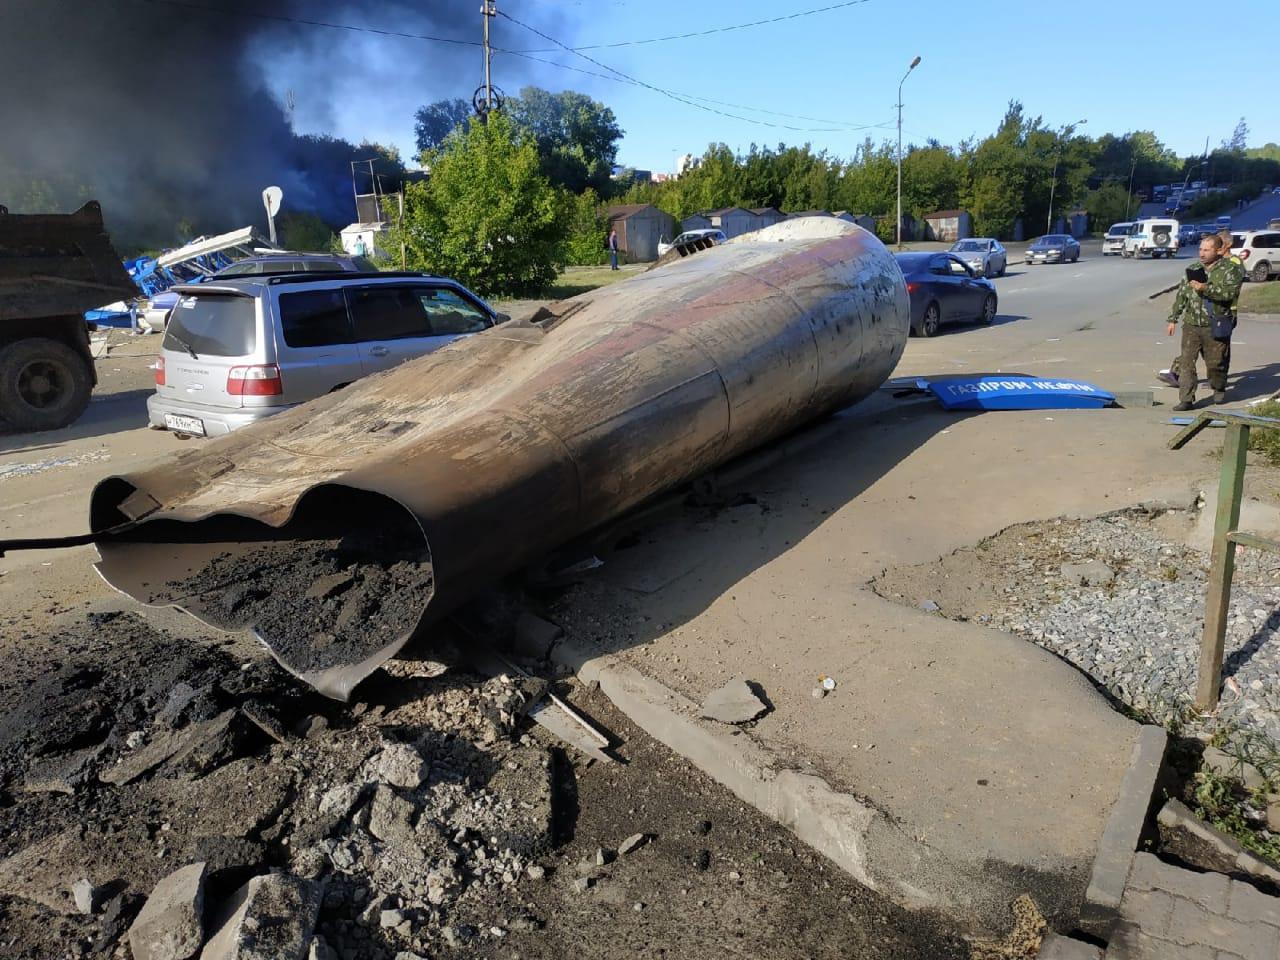 фото «Все люди, рядом проходившие, обгорели»: очевидцы рассказали подробности страшного пожара на АЗС в Новосибирске 4